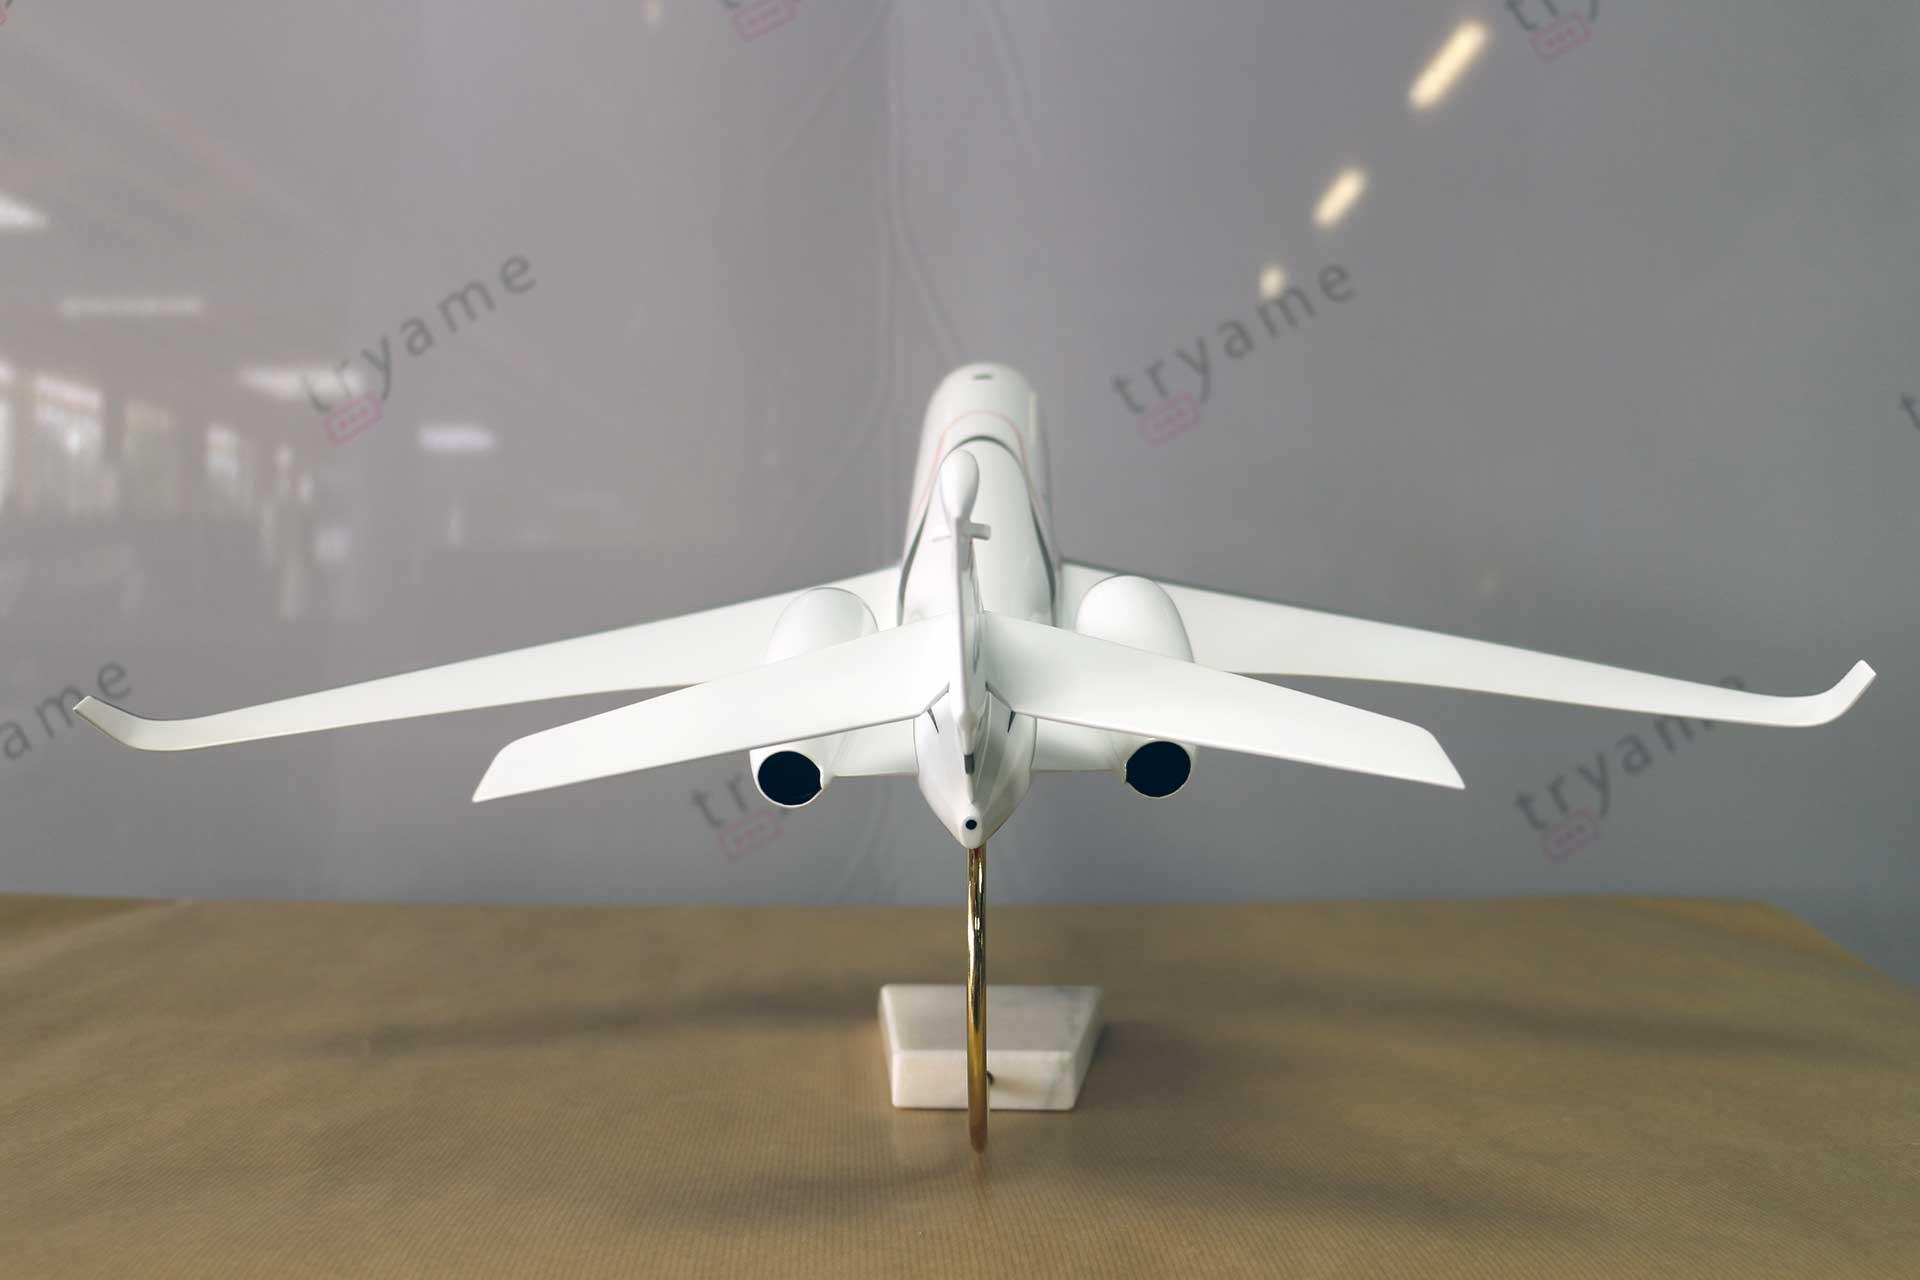 Dassault aviation maquette Falcon 6X